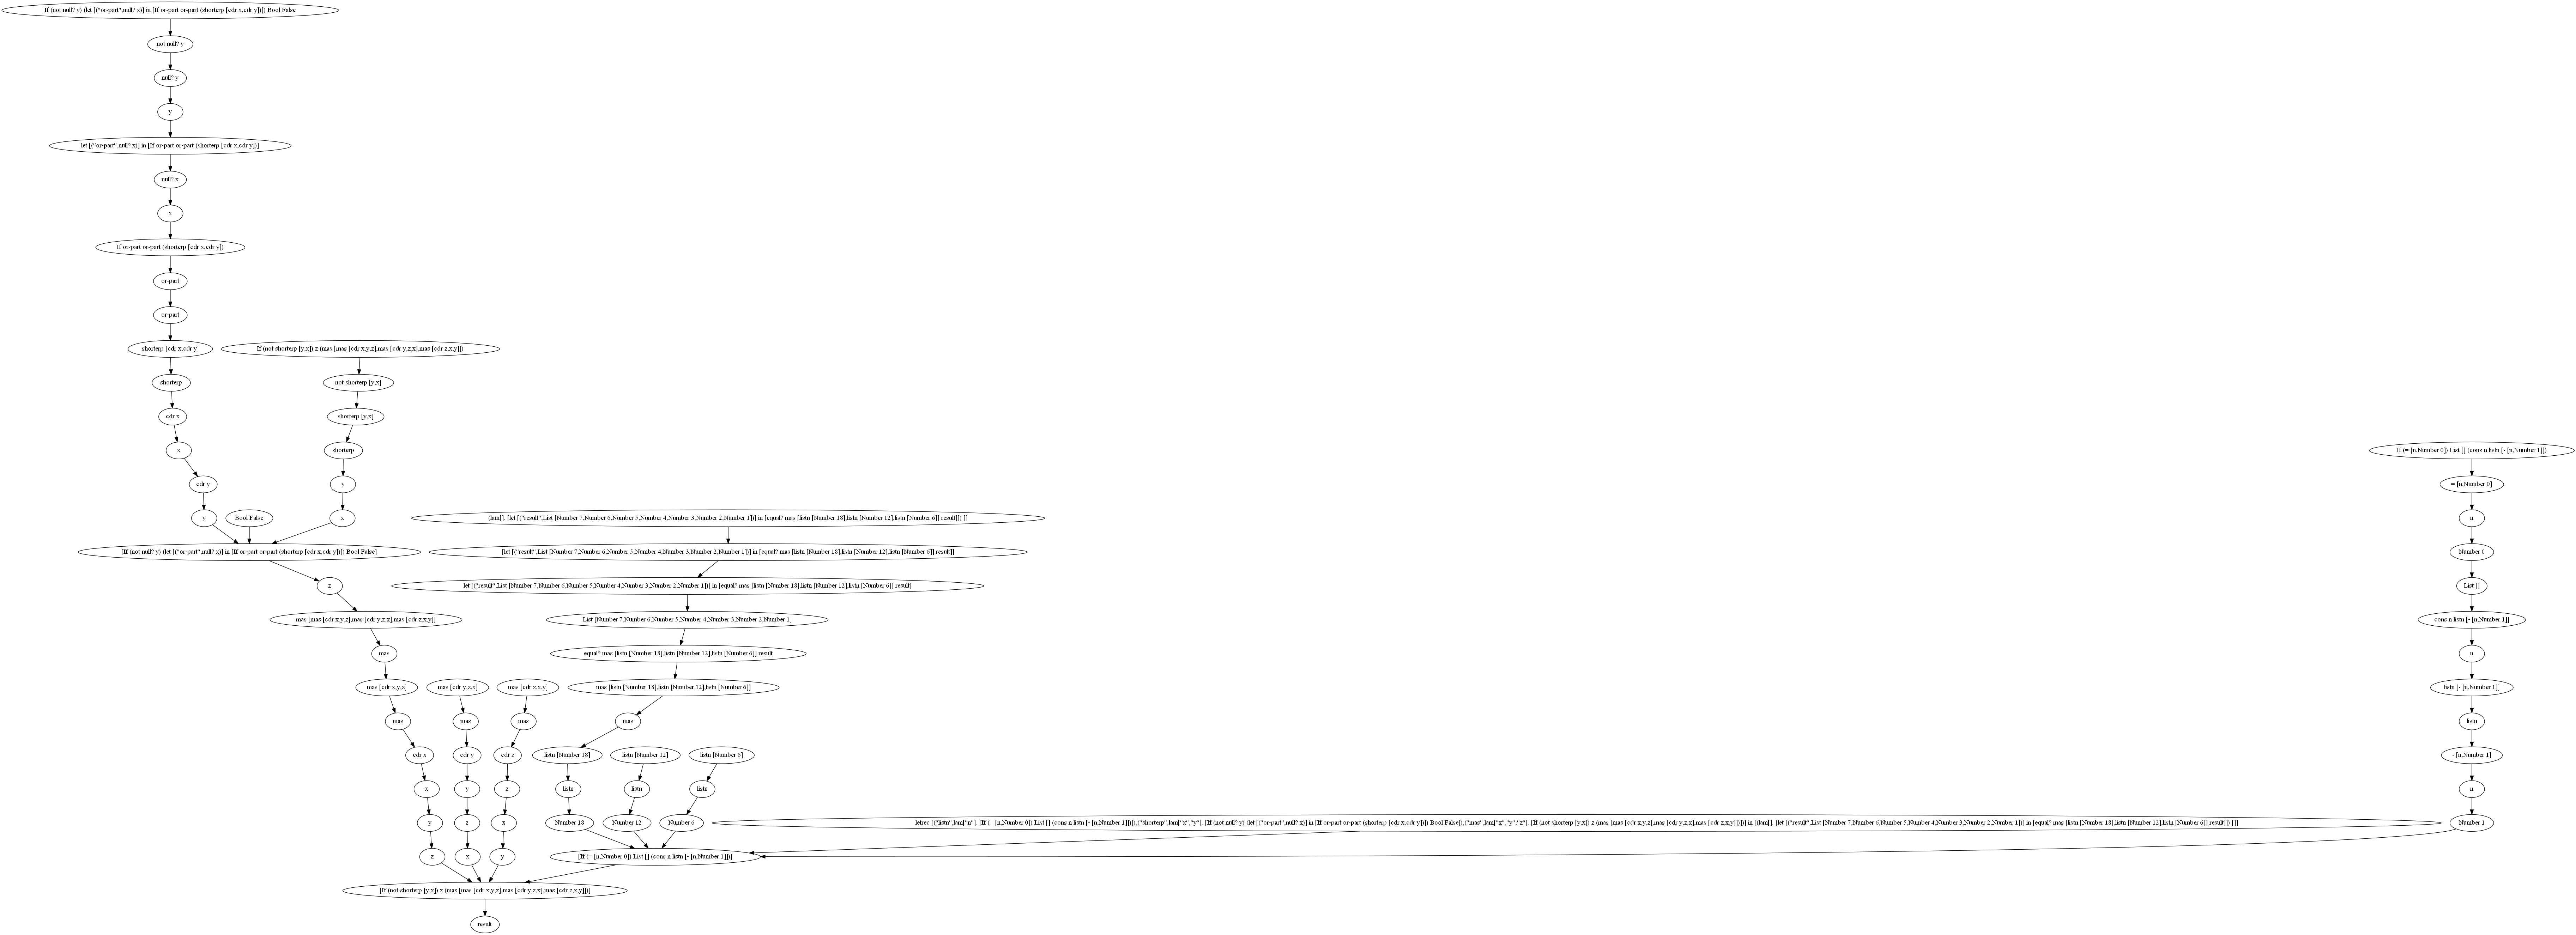 scheme/graph_files/gabriel/takl.png